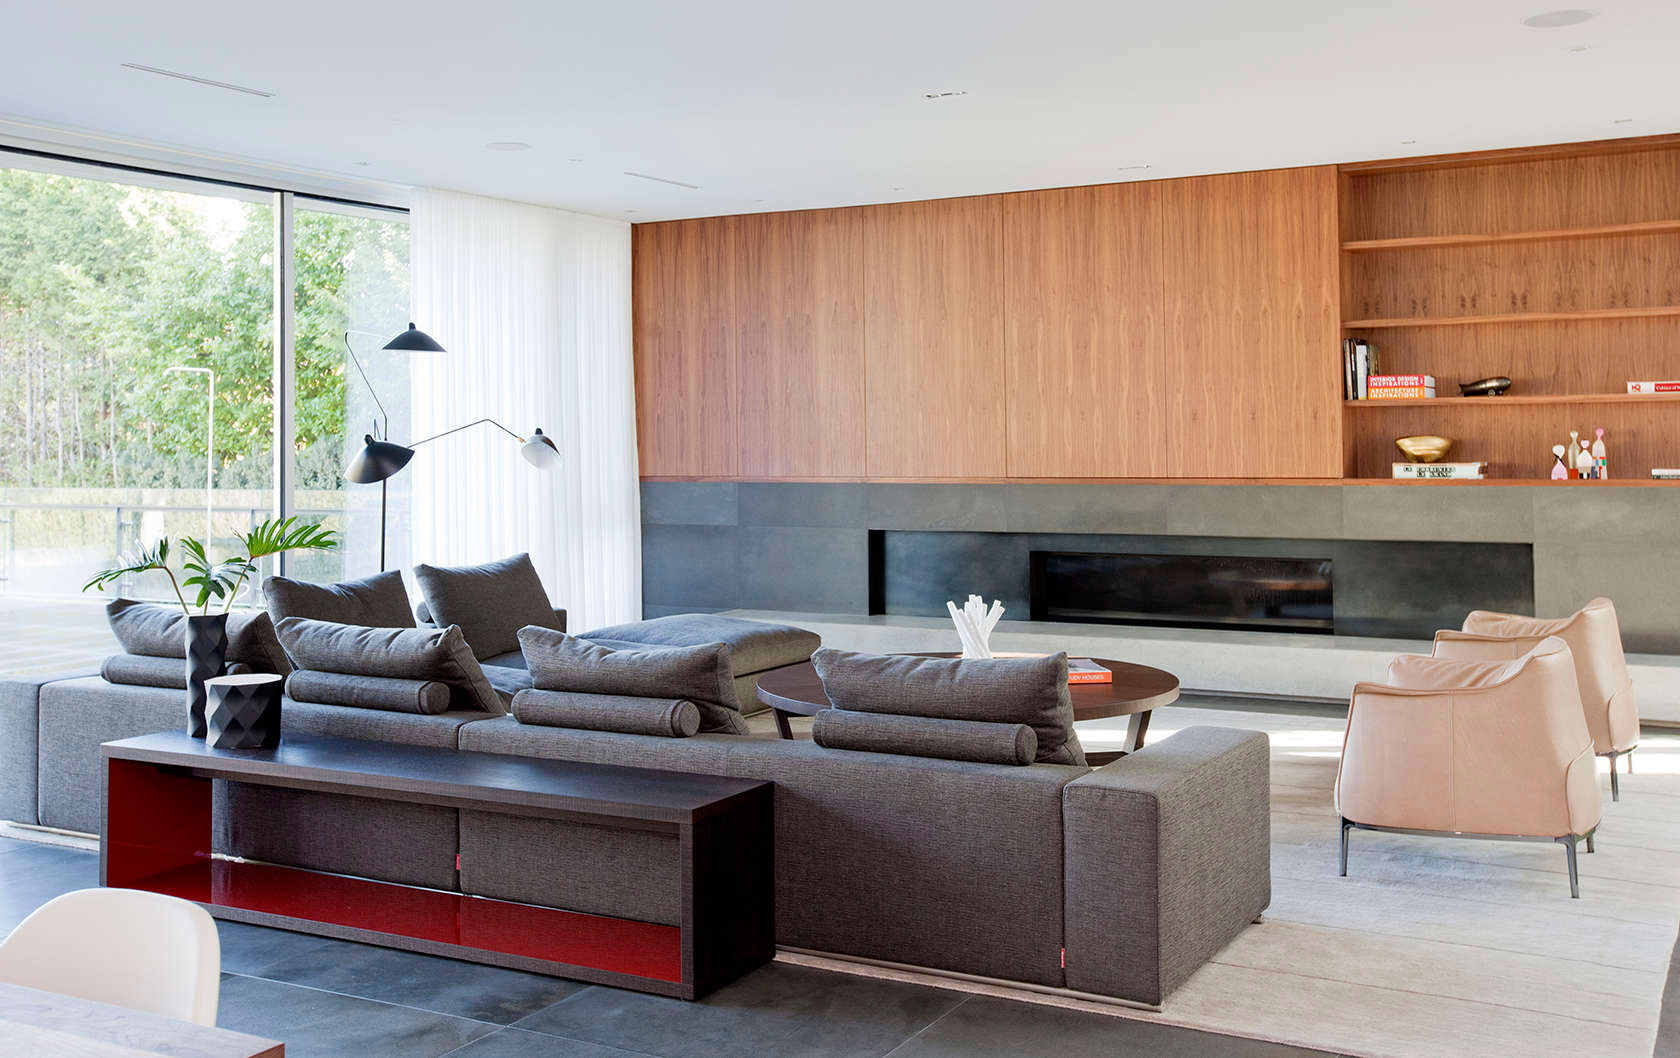 Подбор мебели для интерьера внутри частного дома